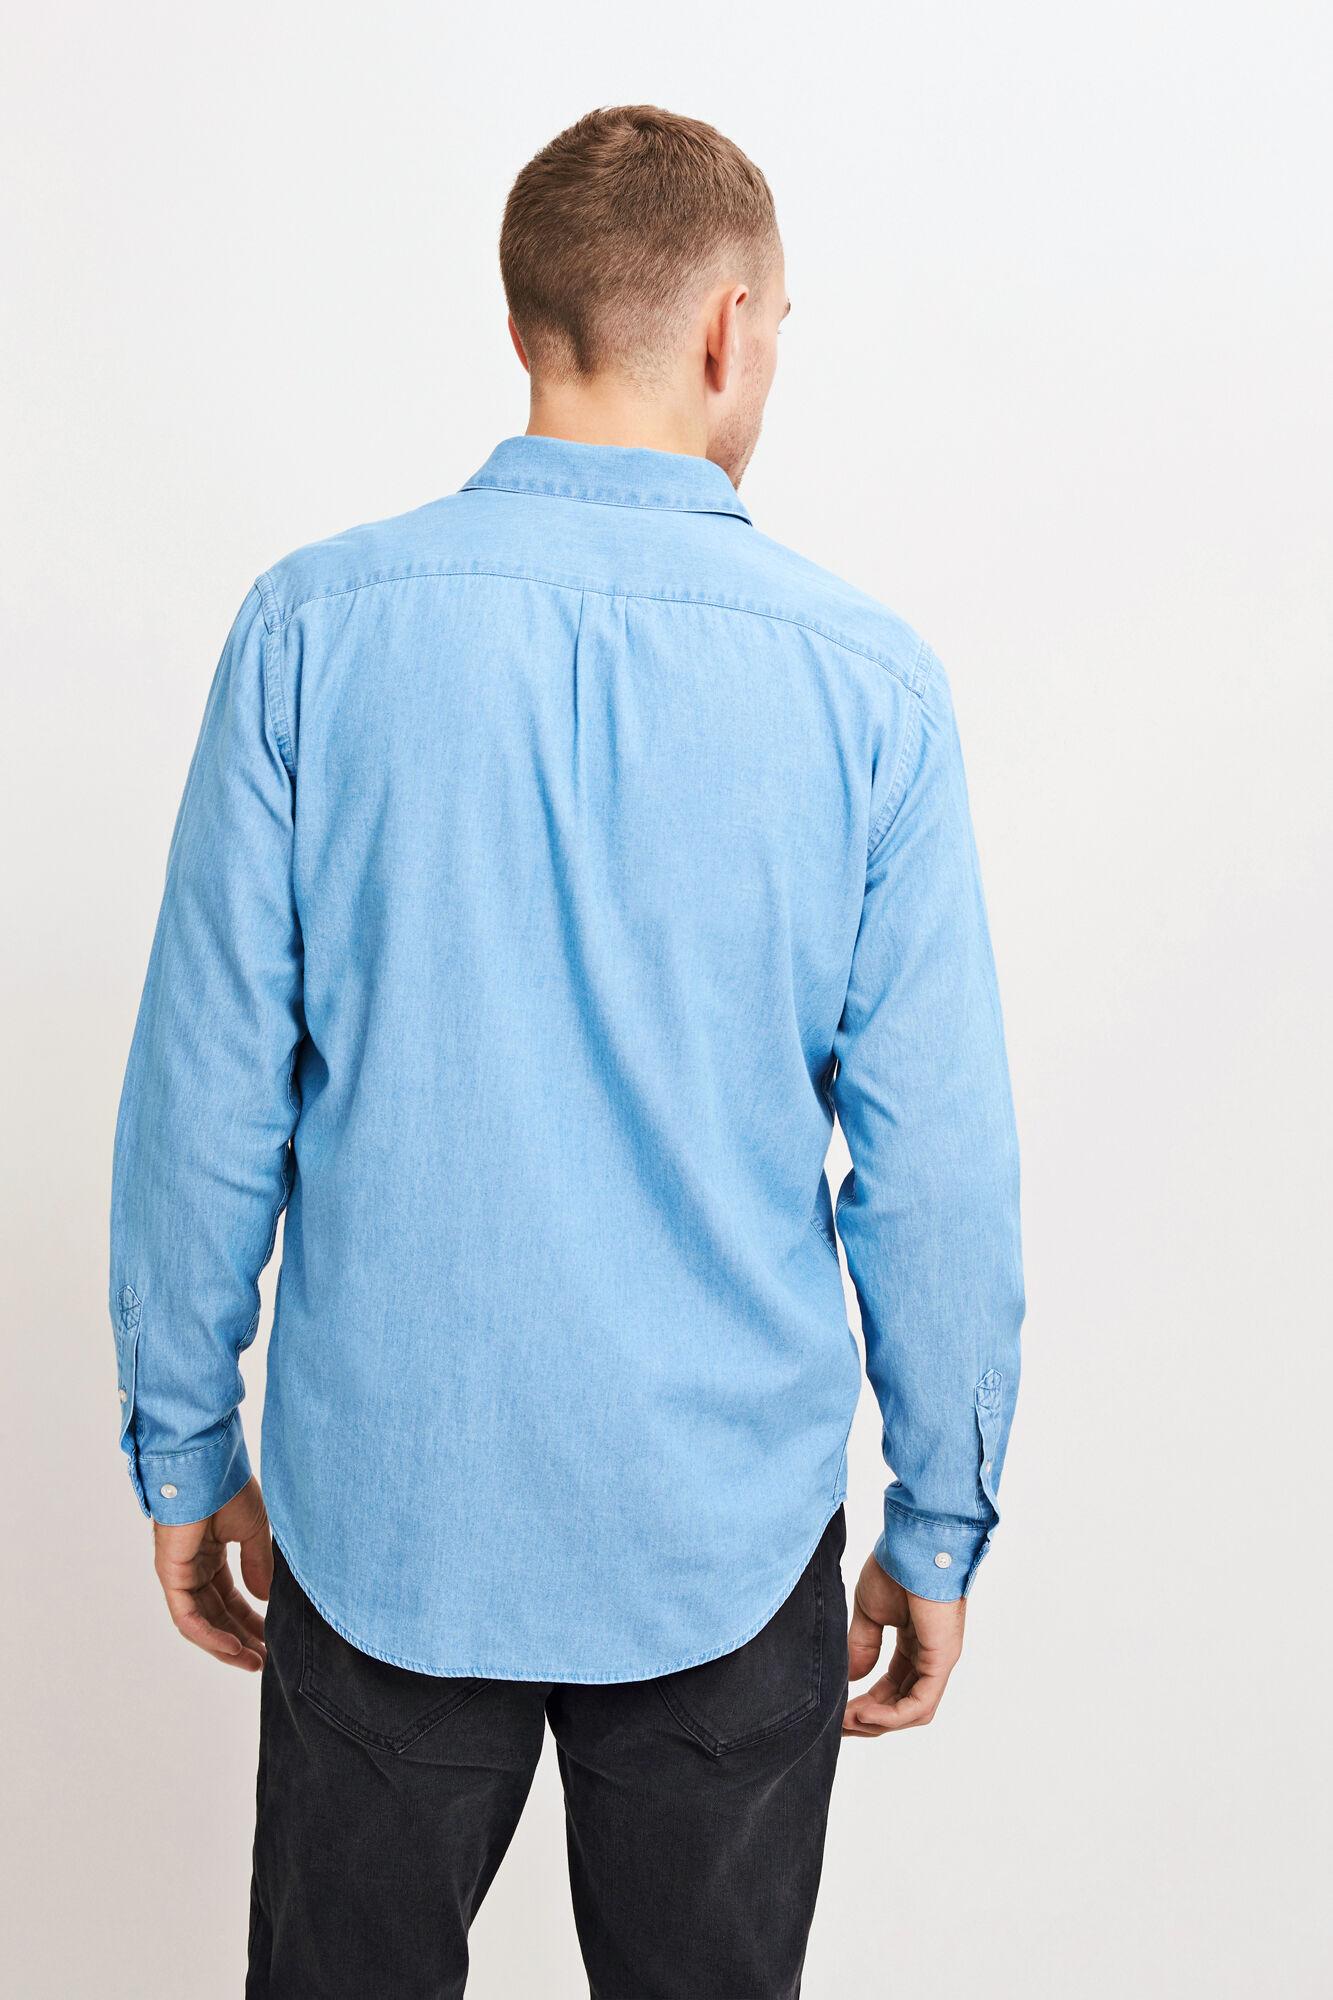 Liam NX 7728, LIGHT BLUE DENIM